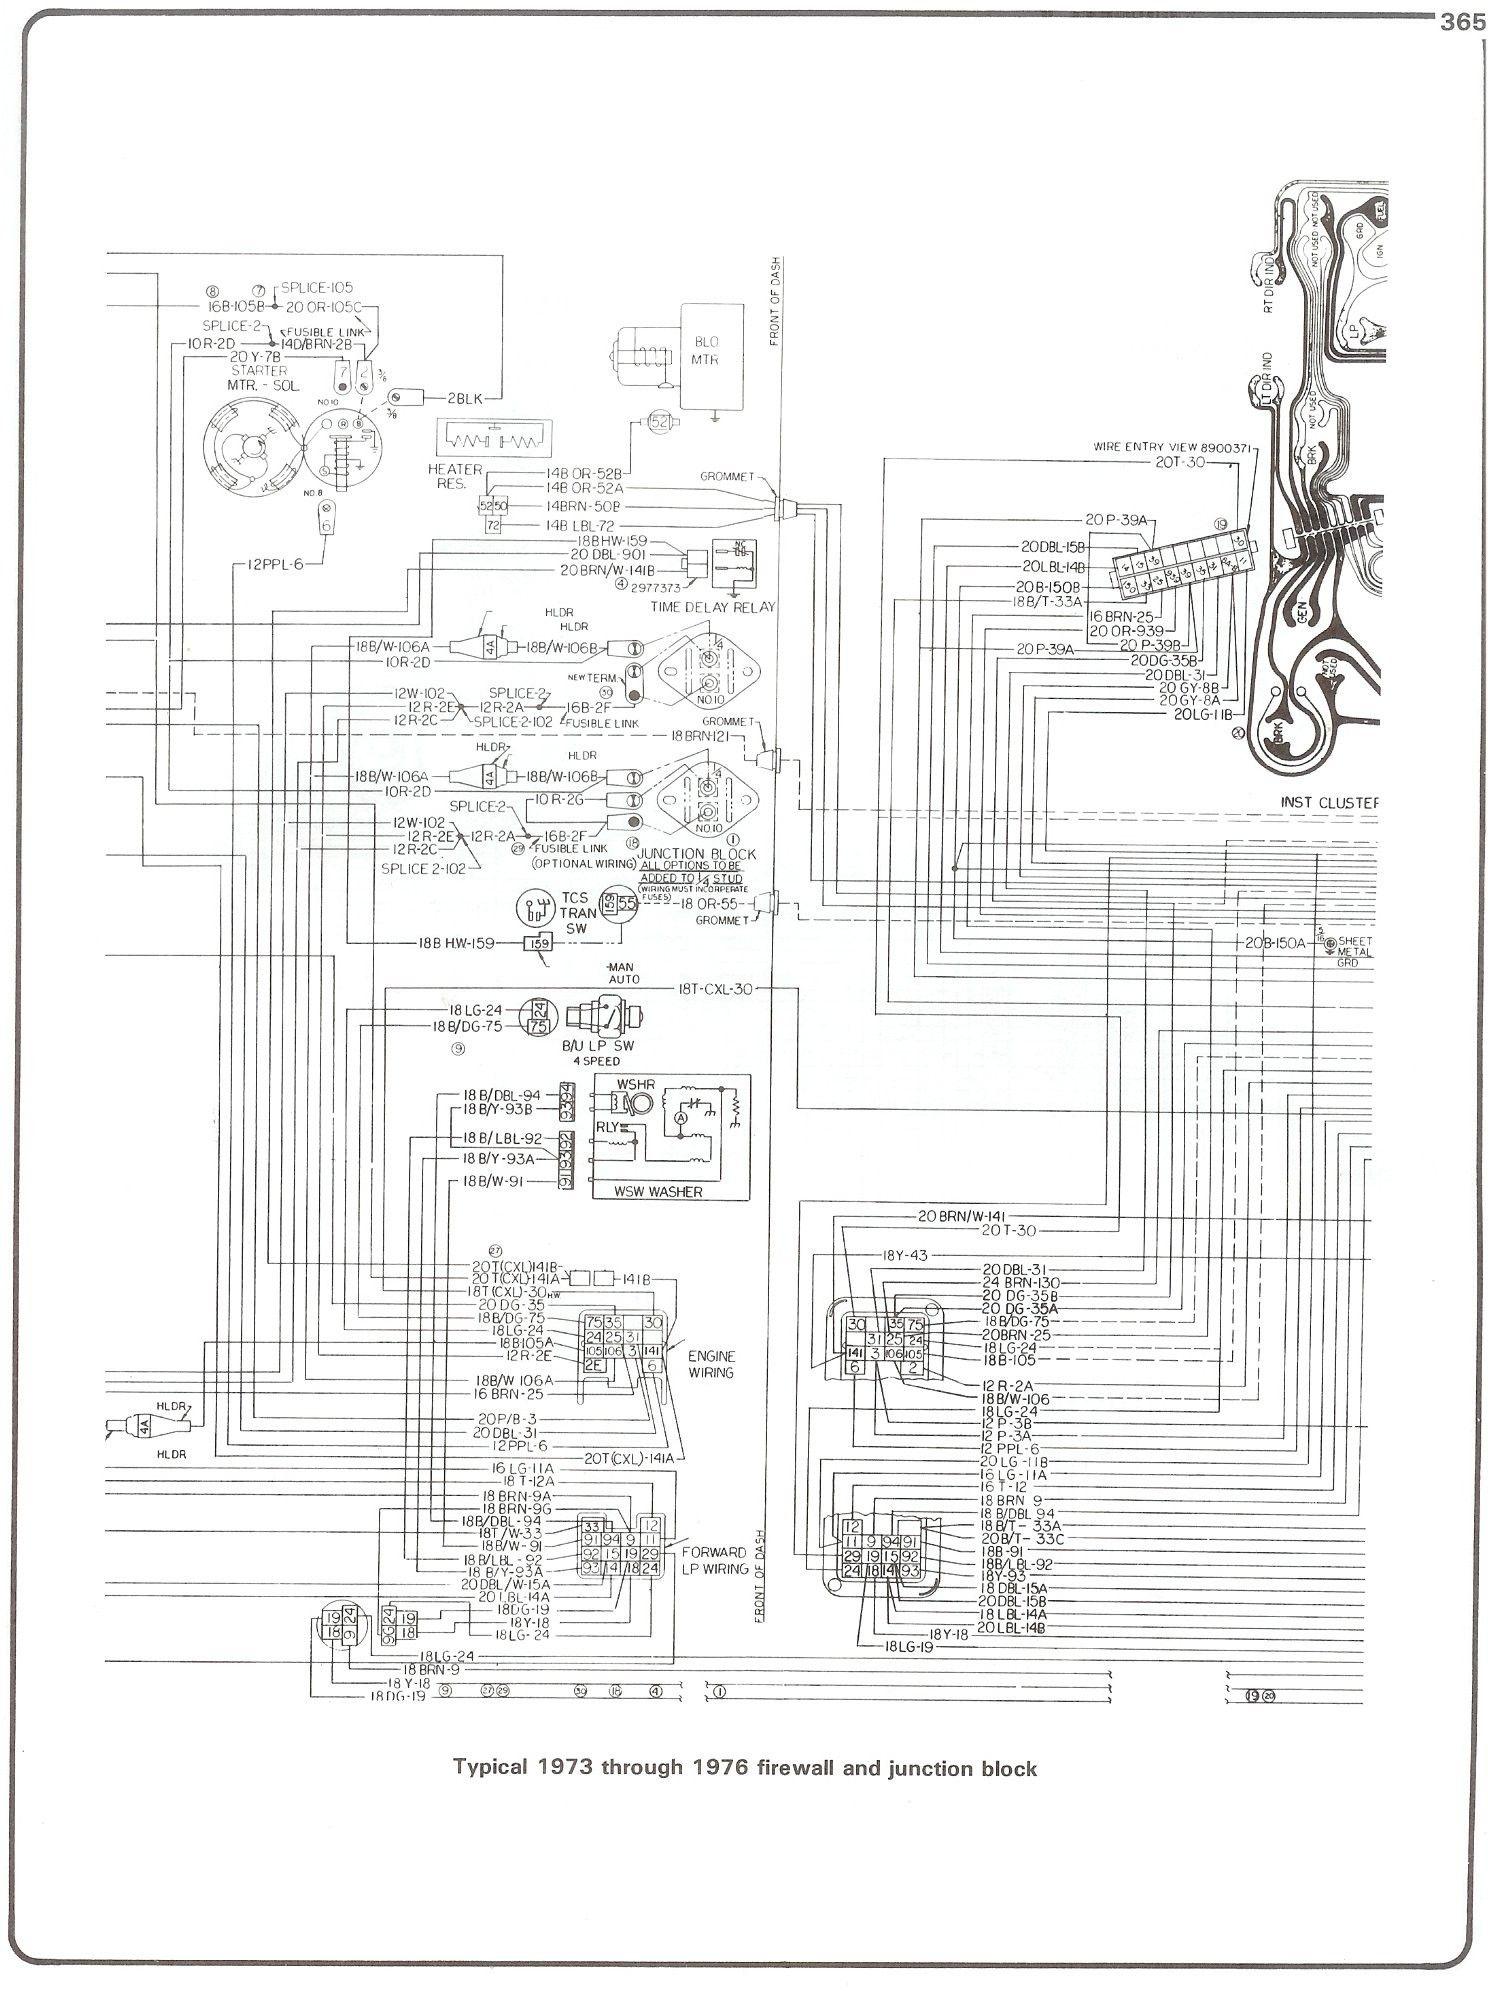 Diagram Diagramtemplate Diagramsample Camionetas Chevy Camionetas Amigurumi